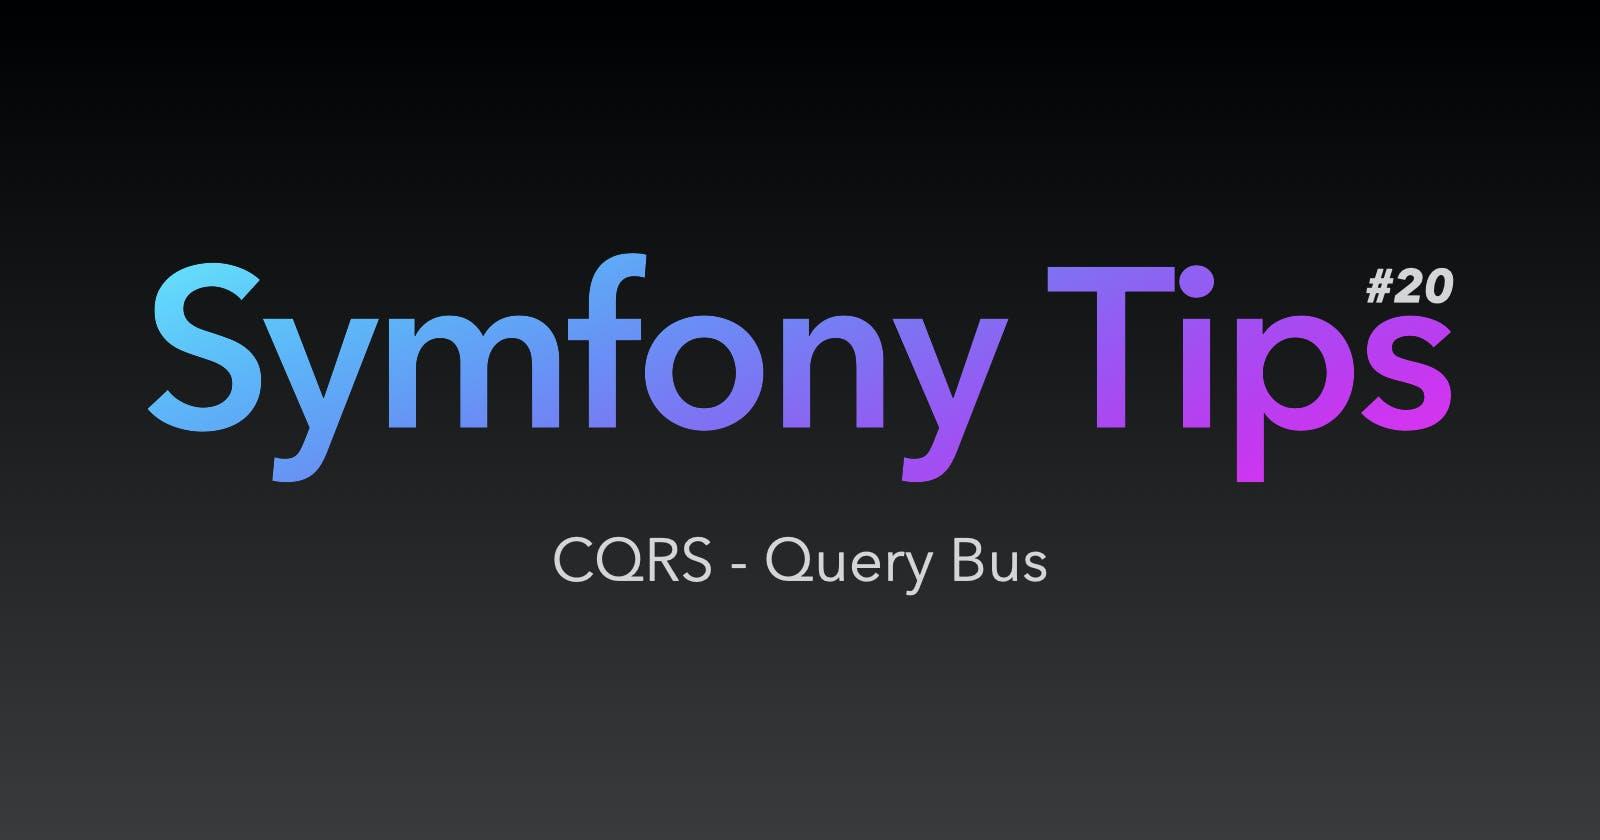 Symfony Tips #20 - CQRS - Query Bus